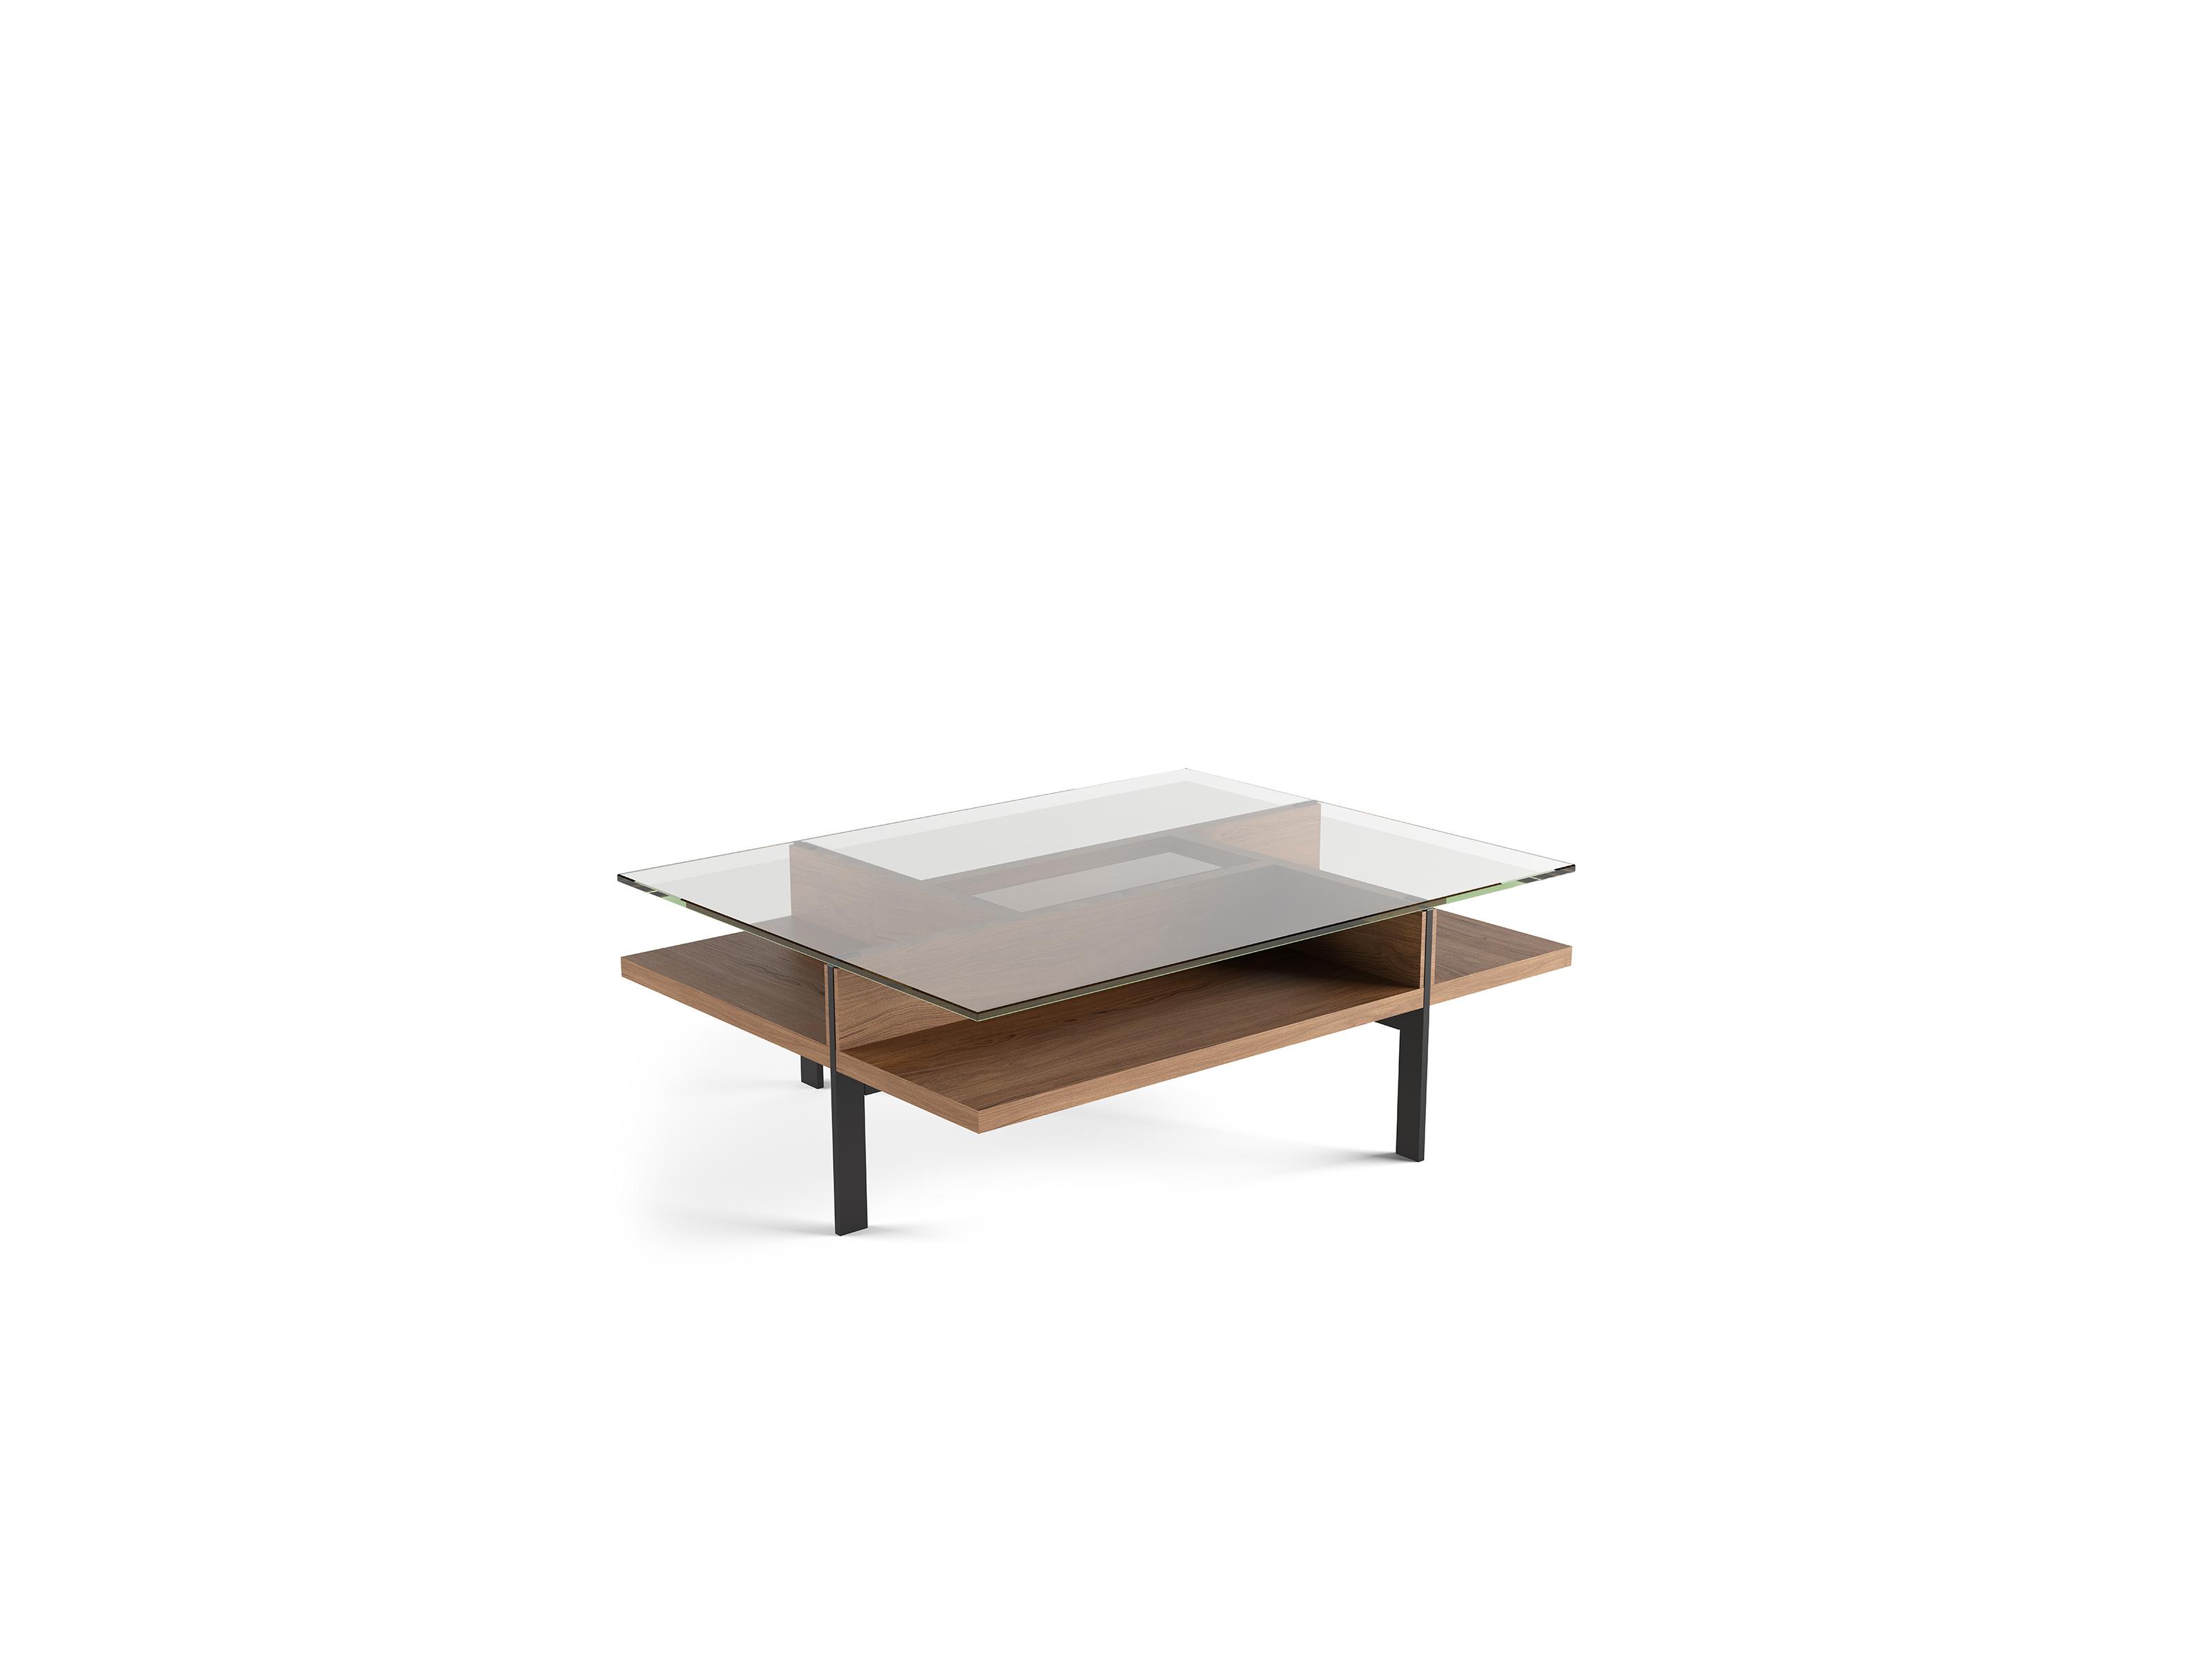 terrace 1152 modern rectangular glass